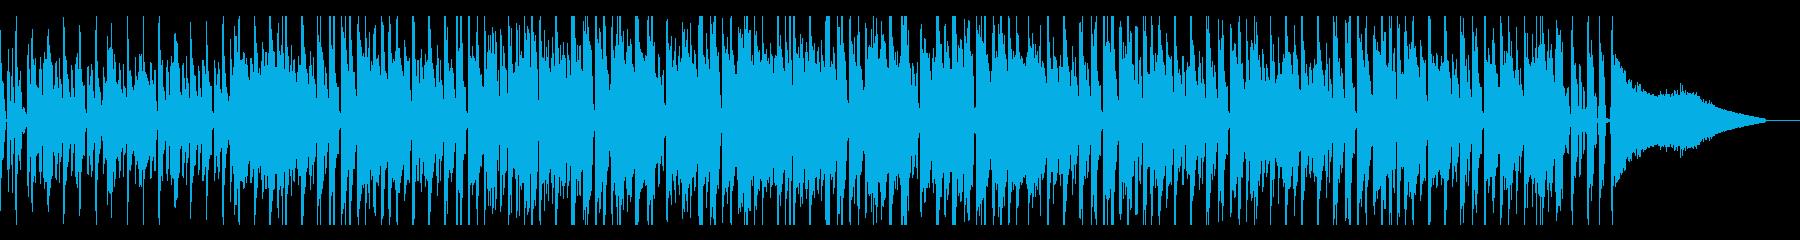 オープニングにぴったりなファンク風BGMの再生済みの波形